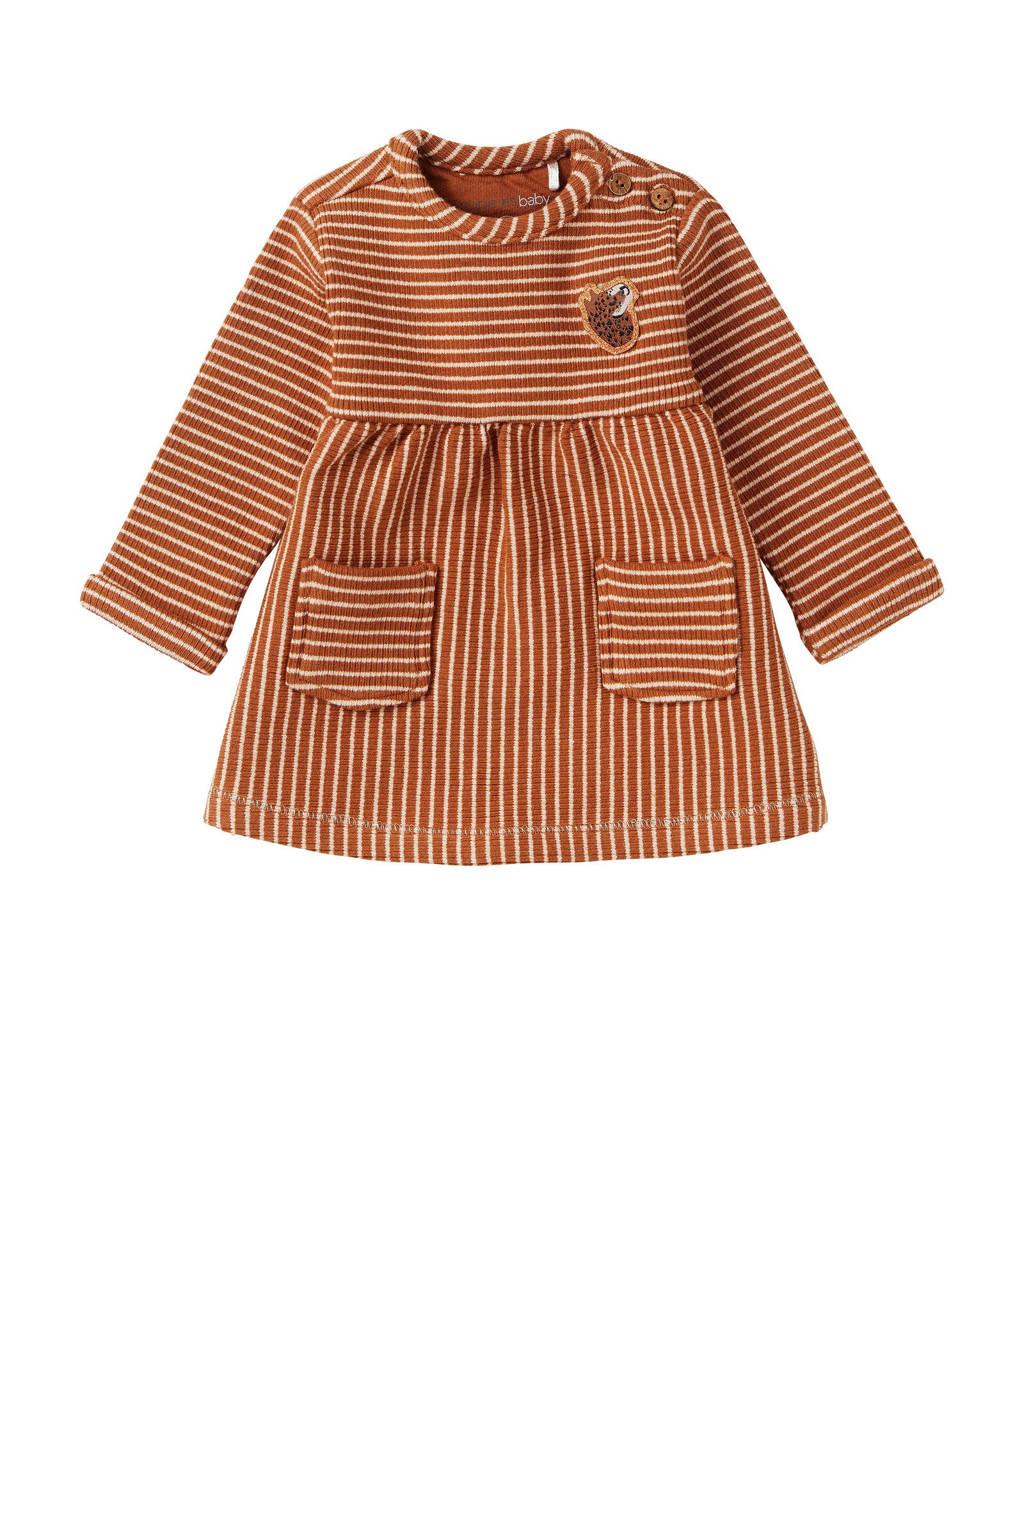 Noppies gestreepte A-lijn jurk Melmoth met biologisch katoen roestoranje/ecru, Roestoranje/ecru